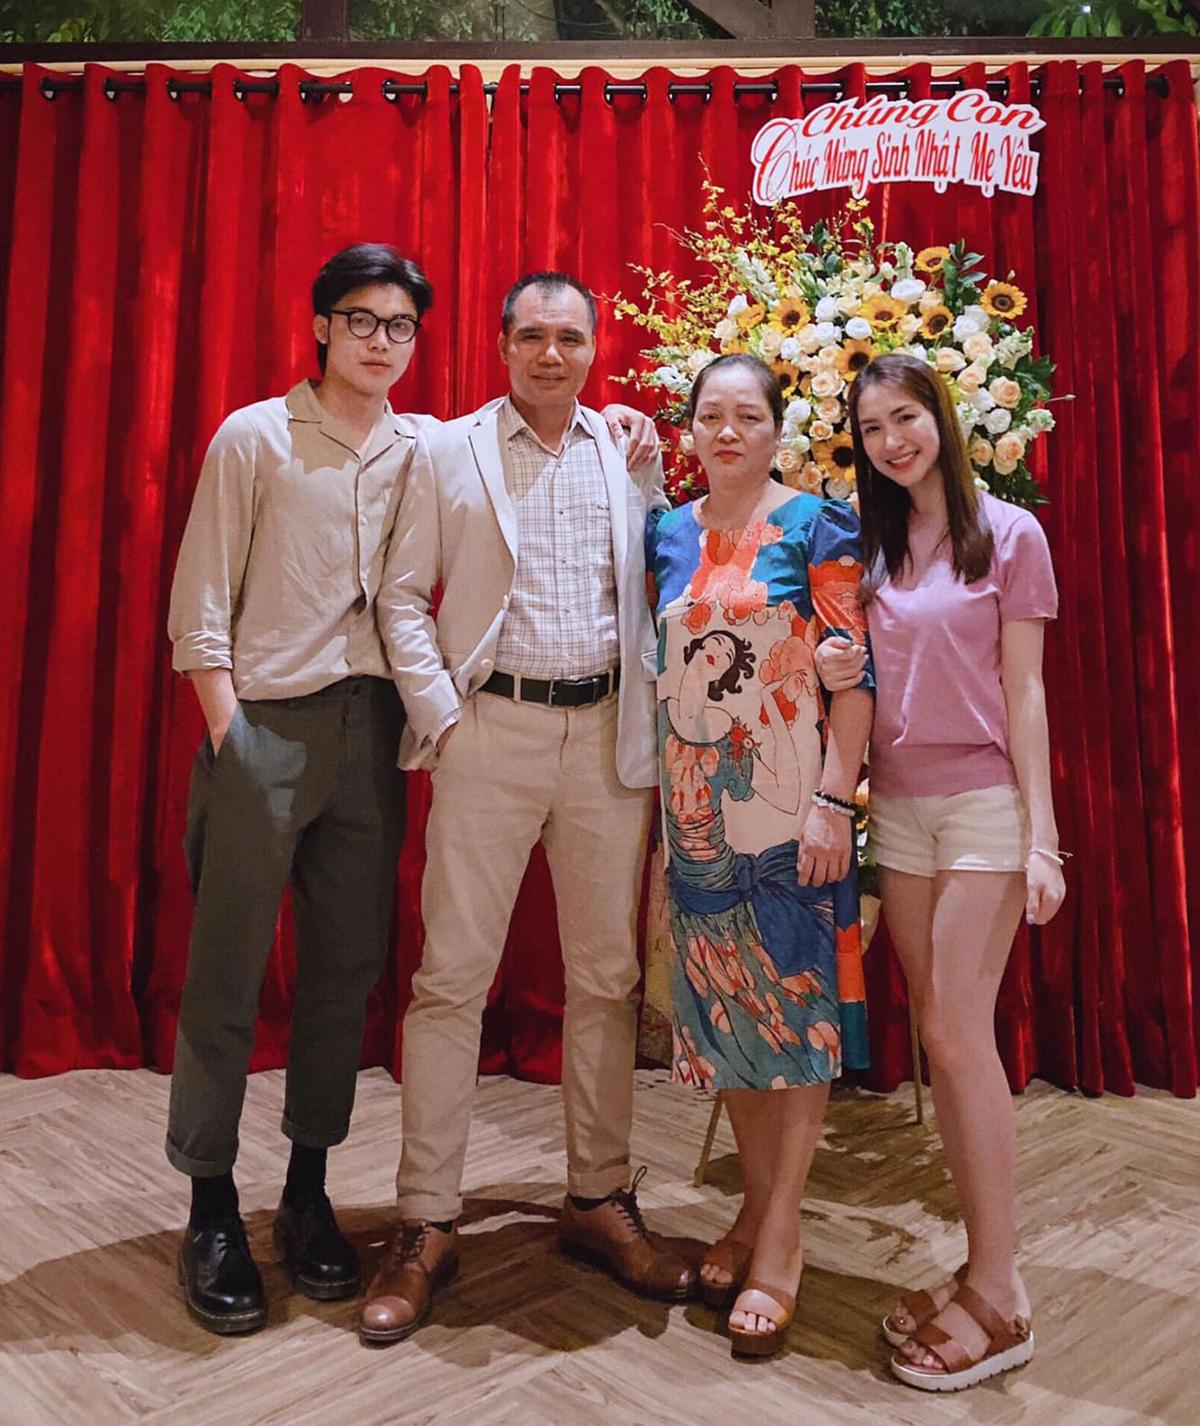 Hòa Minzy đi ăn cùng cả gia đình mừng sinh nhật mẹ. Khi đi tiệc lồng lộn hết cỡ nhưng lúc bên bố mẹ, nữ ca sĩ giản dị đúng chuẩn cô con gái nhỏ.